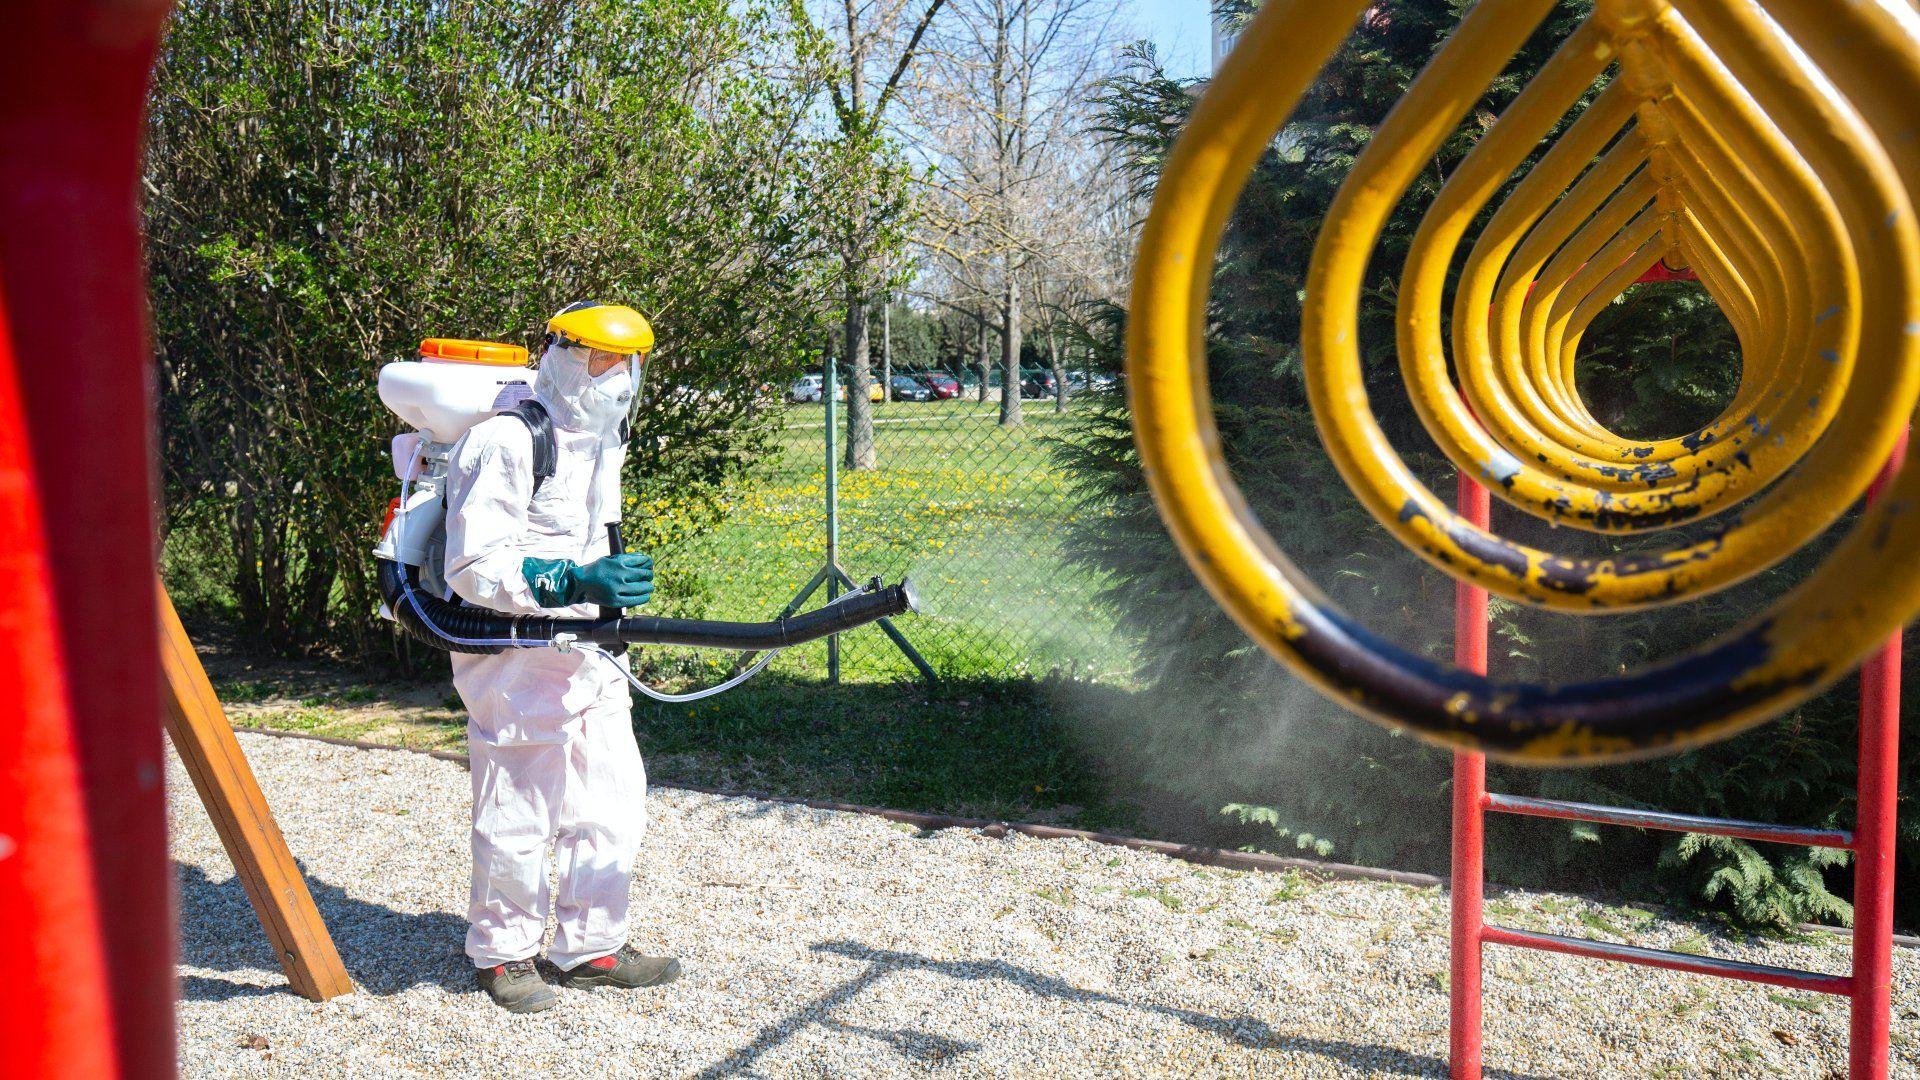 Játszótéri mászókát mos le fertőtlenítőszeres vízsugárral a koronavírus-járvány miatt a Netta-Pannonia Környezetvédelmi Kft. munkatársa Nagykanizsán, a Mező Ferenc téren 2020. április 1-jén (Fotó:MTI/Varga György)